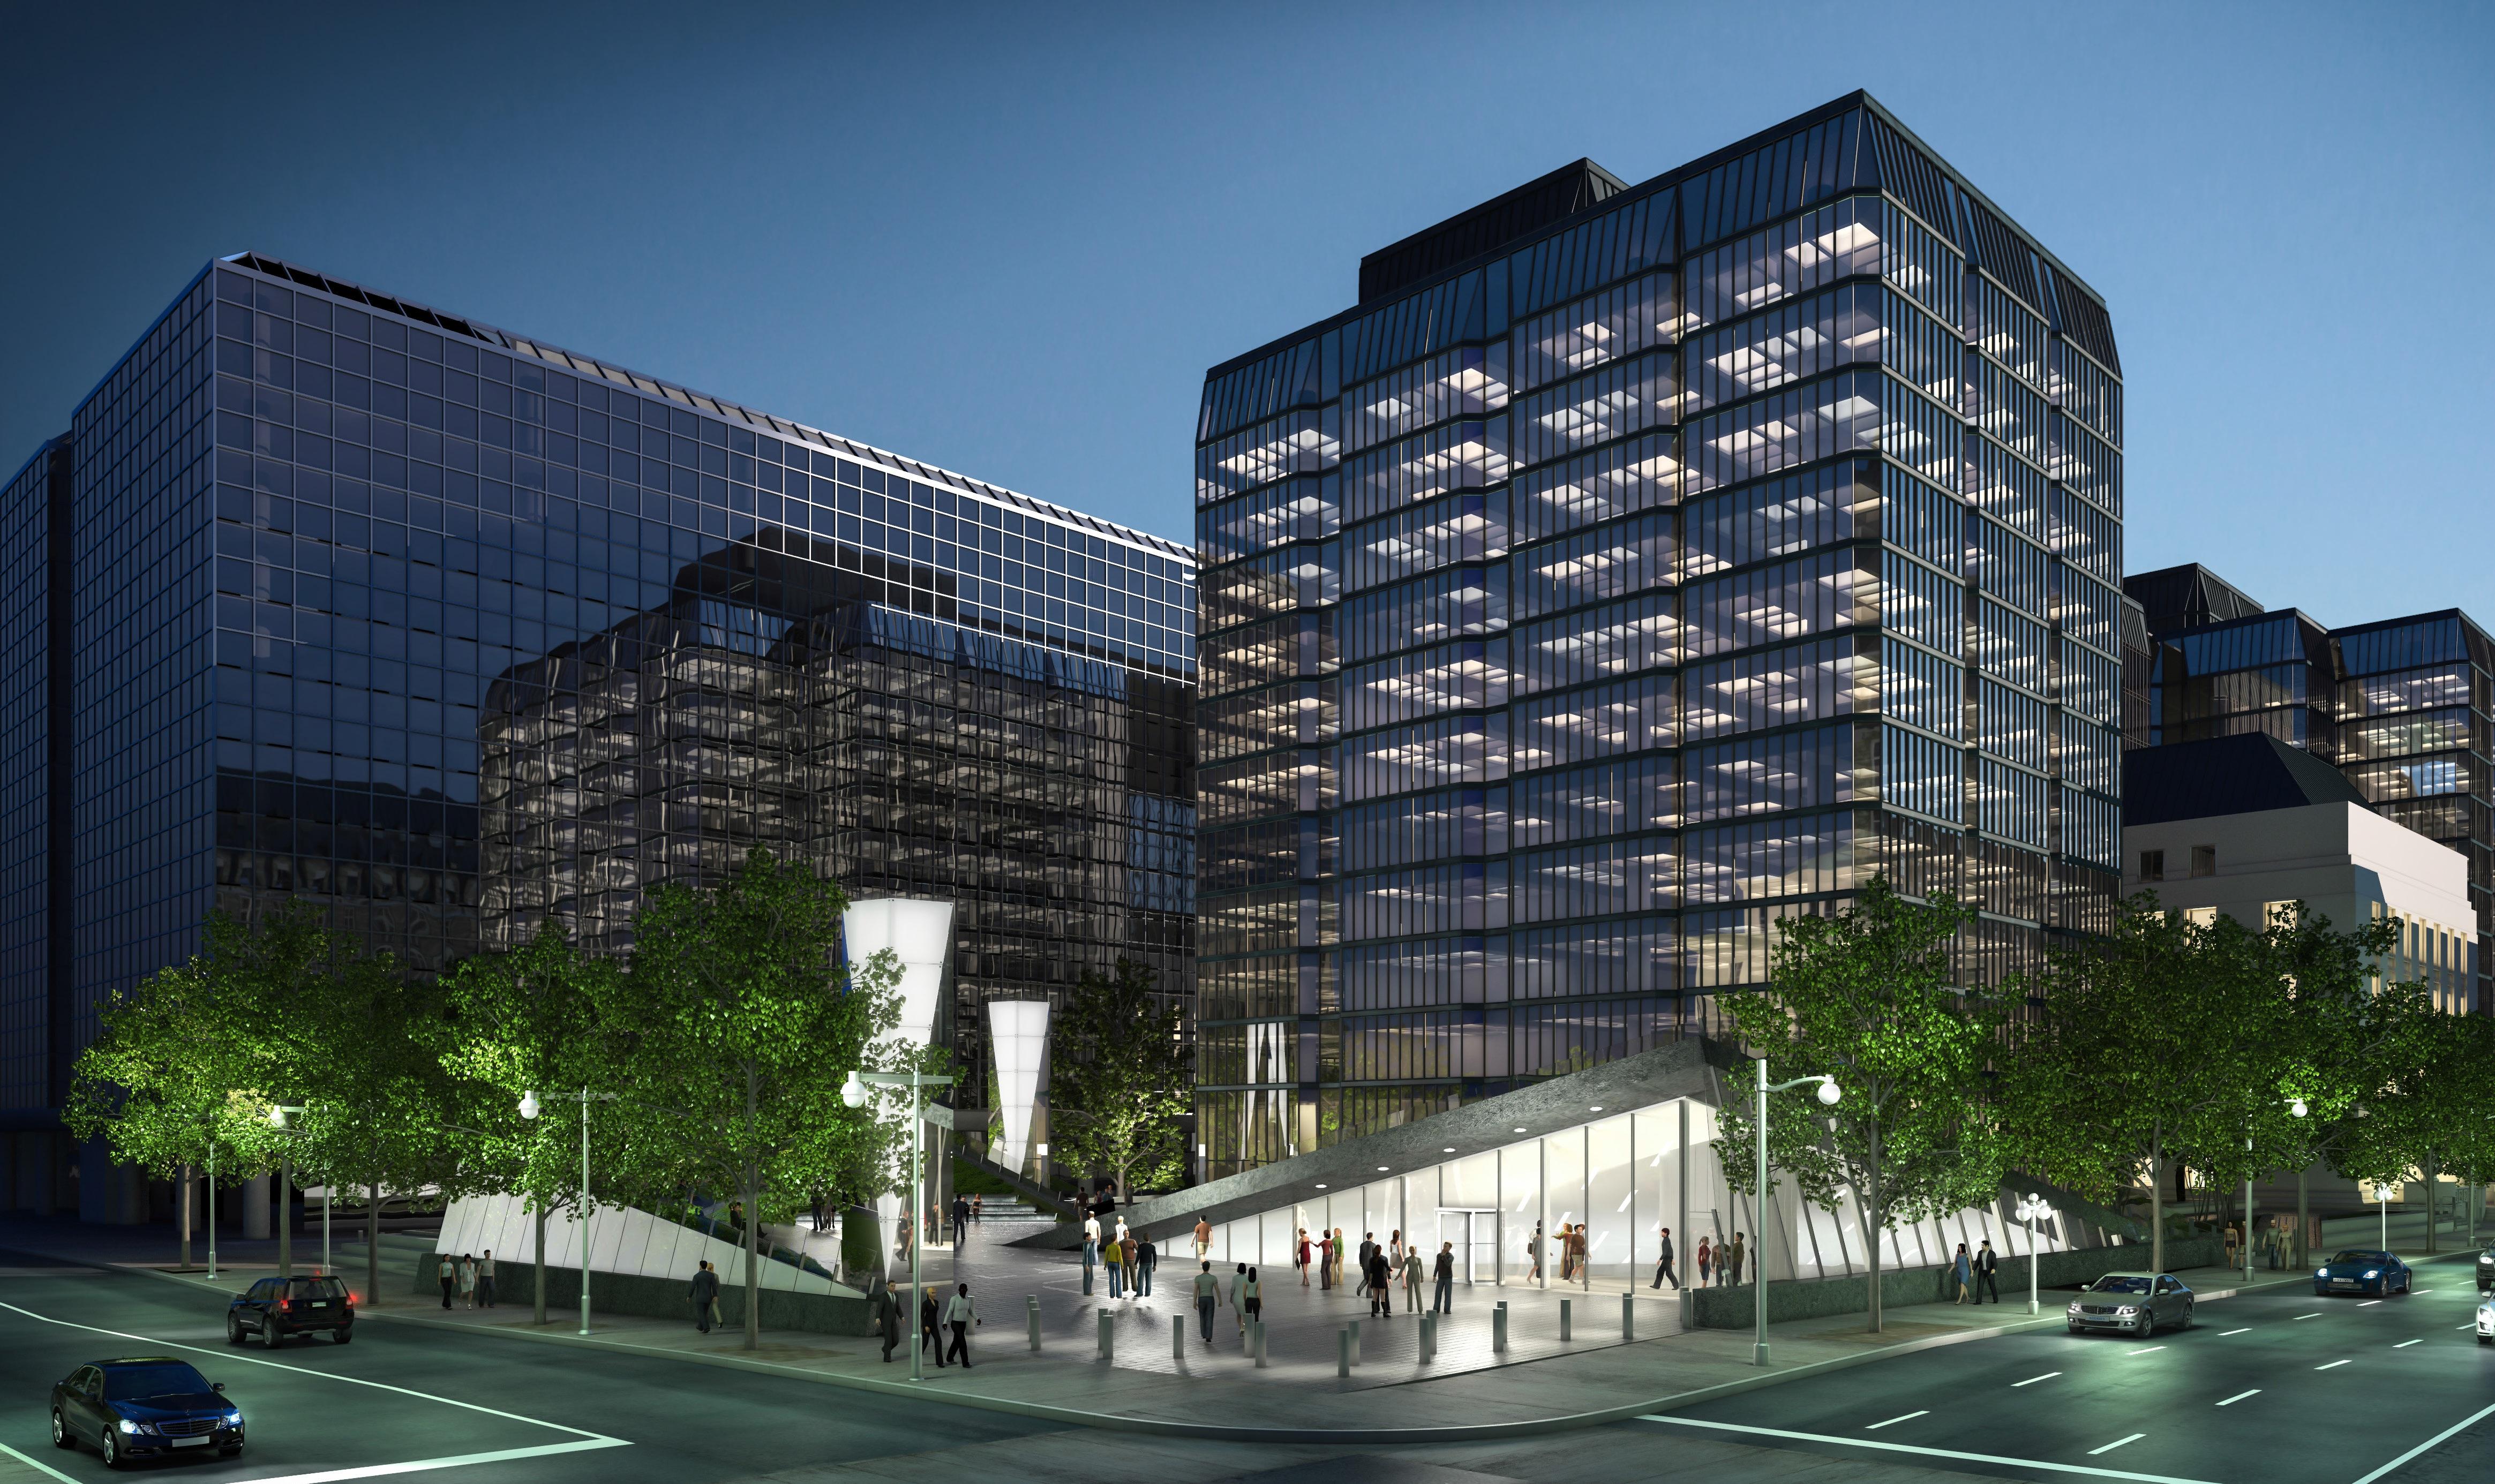 Une fois achevée, la structure composée principalement de granit, d'acier, de verre et de béton offrira un espace total de 836 000 pieds carrés.